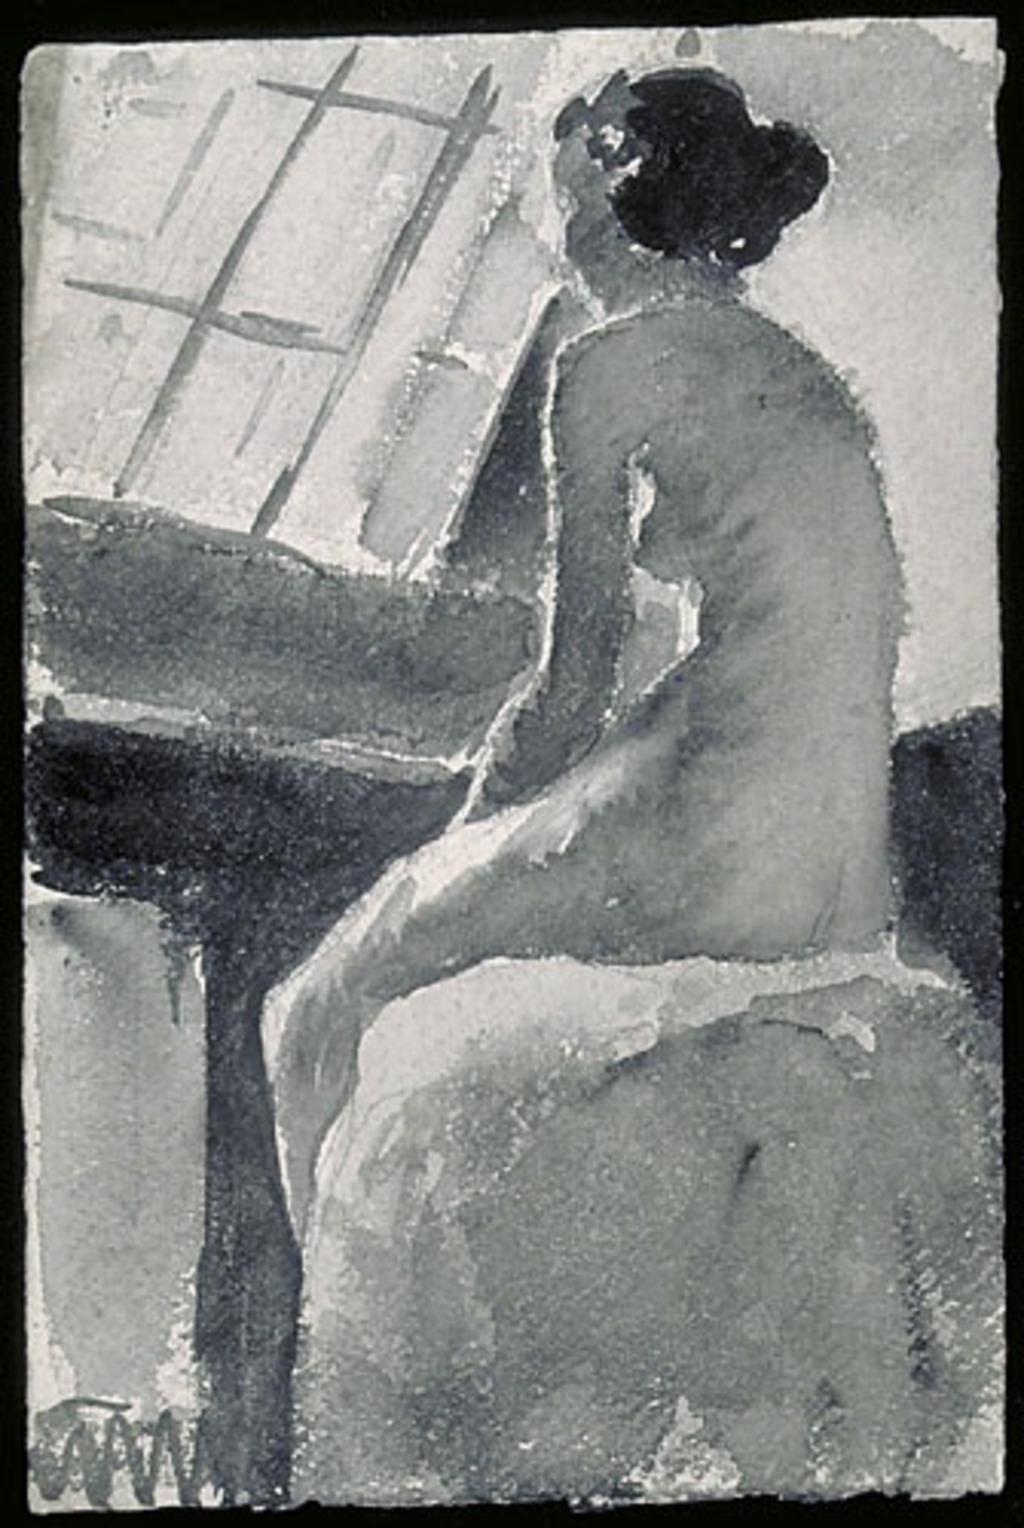 Femme nue assise dans l'atelier, vue de dos de trois quarts